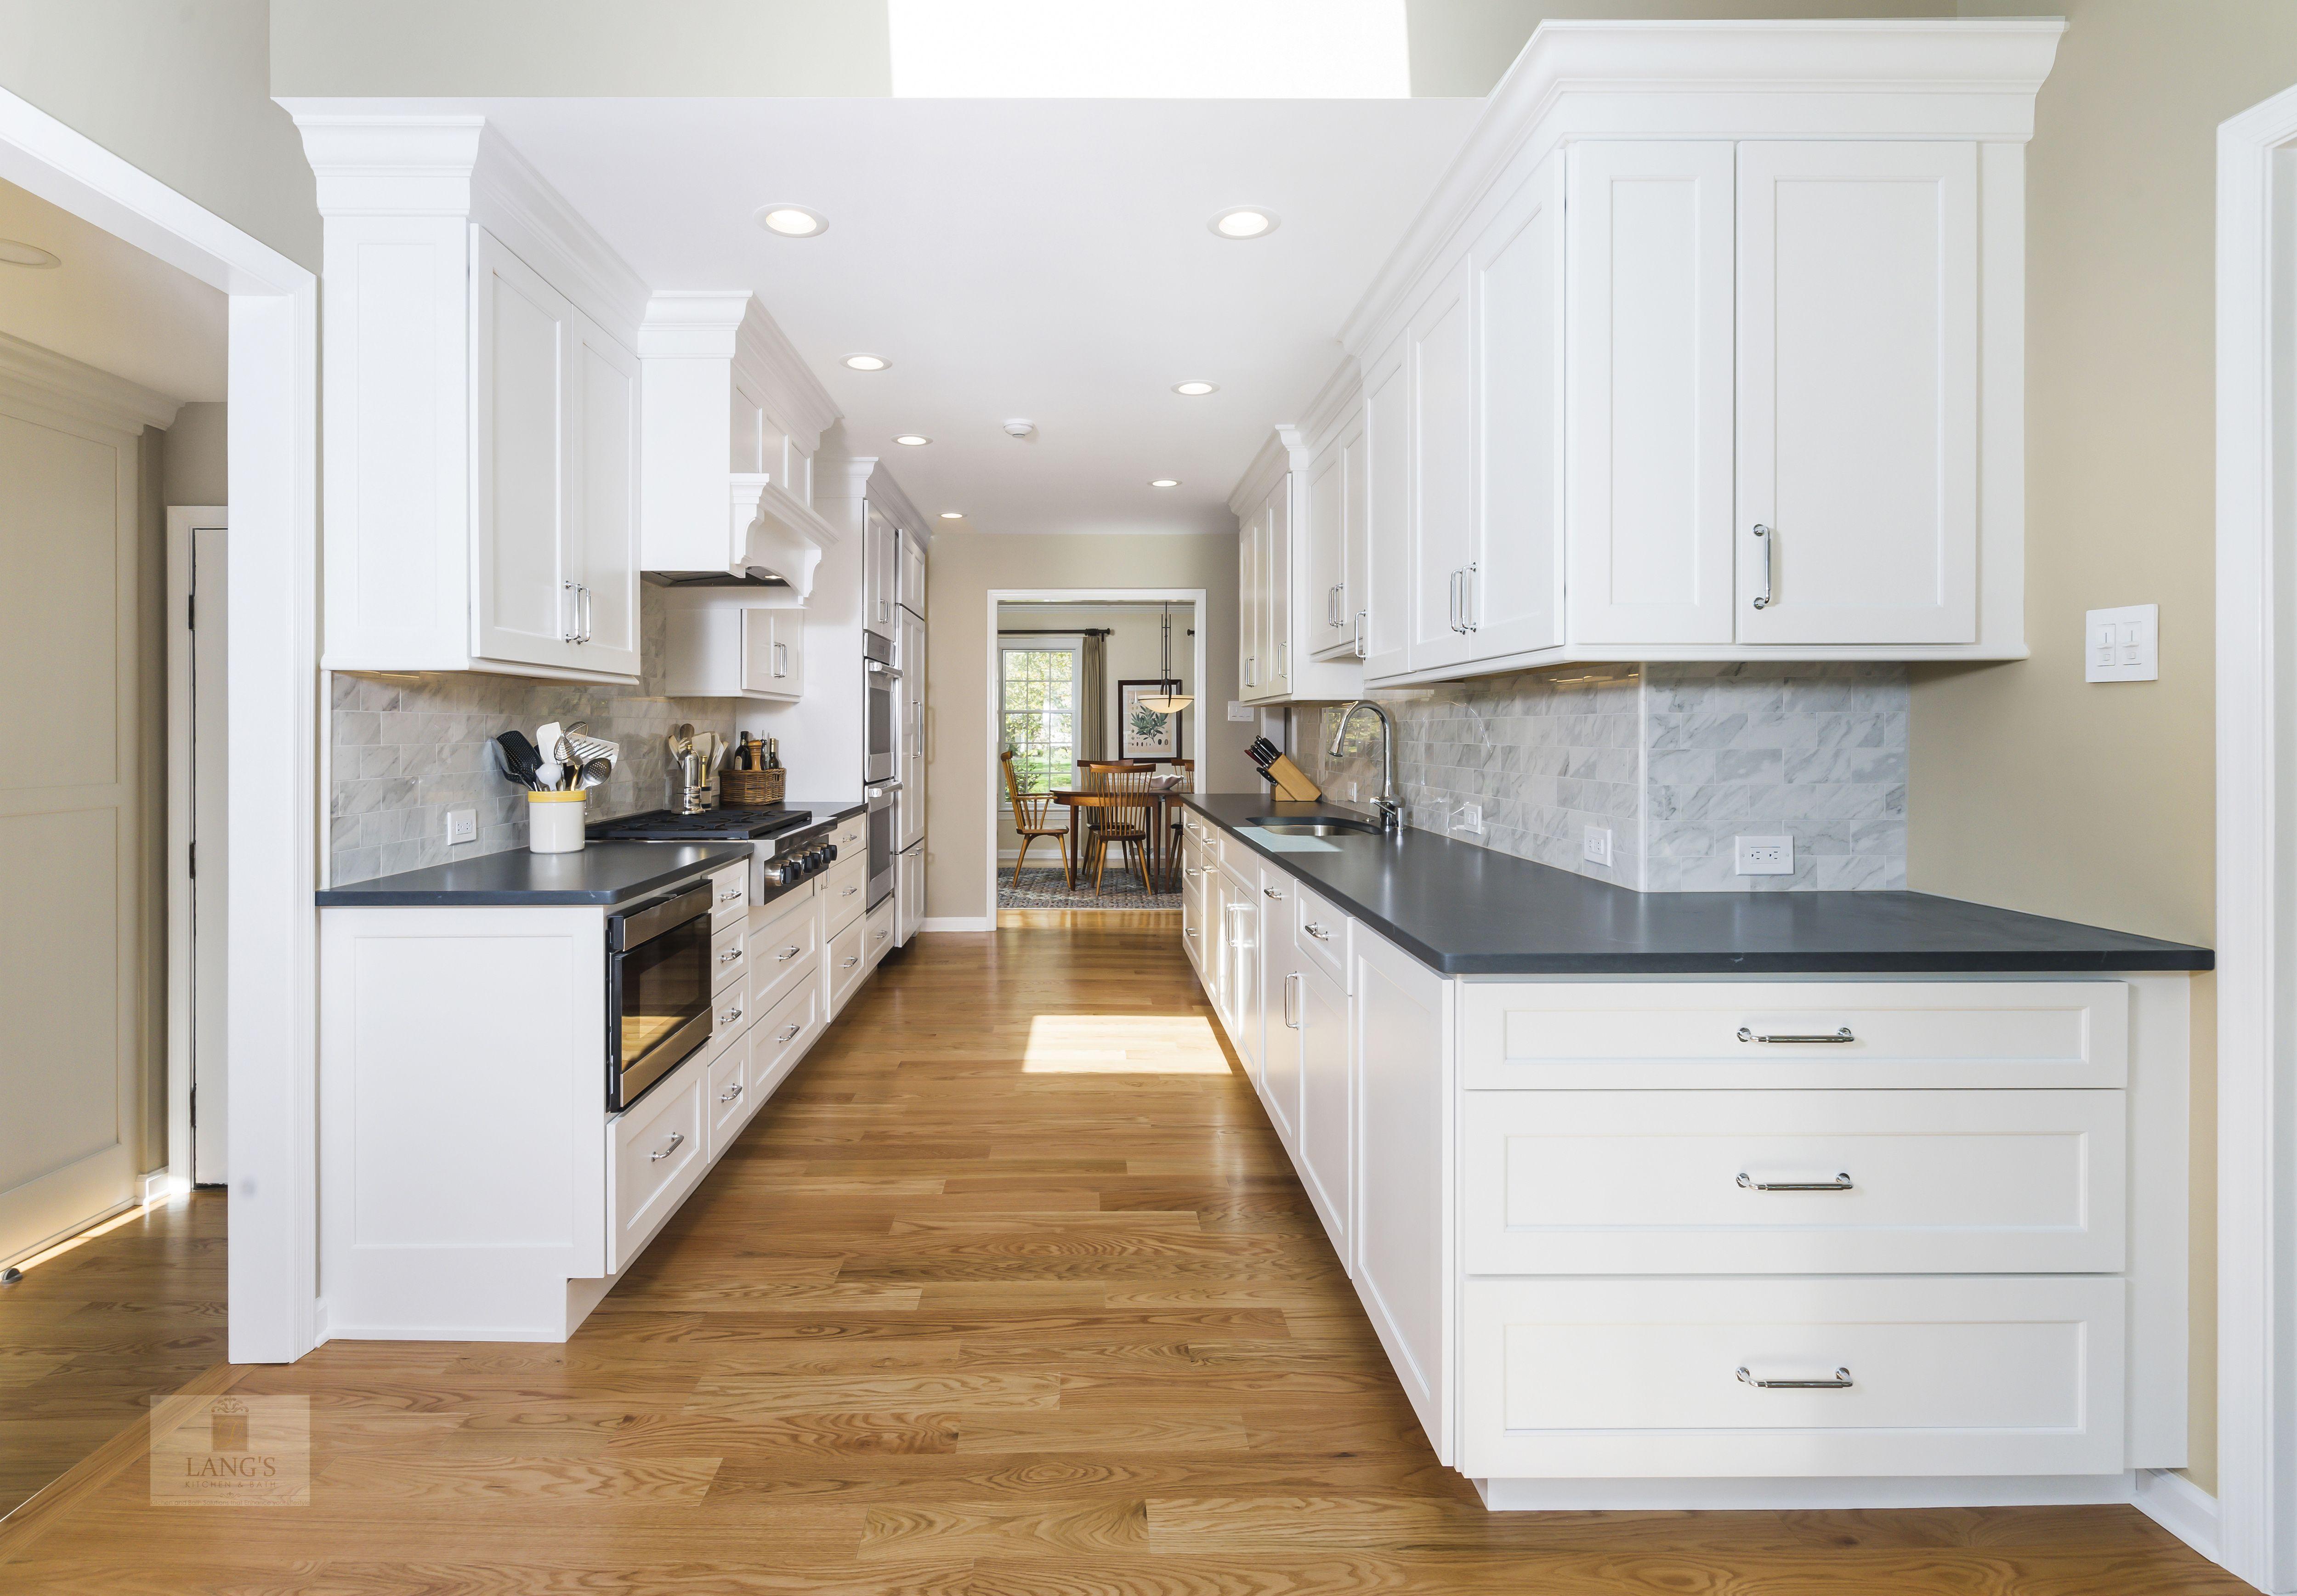 This Galley Style Kitchen Design Is A Bright Space Featuring Dura Supreme White Kitchen Cabinets Cont Galley Kitchen Design Galley Style Kitchen Kitchen Design